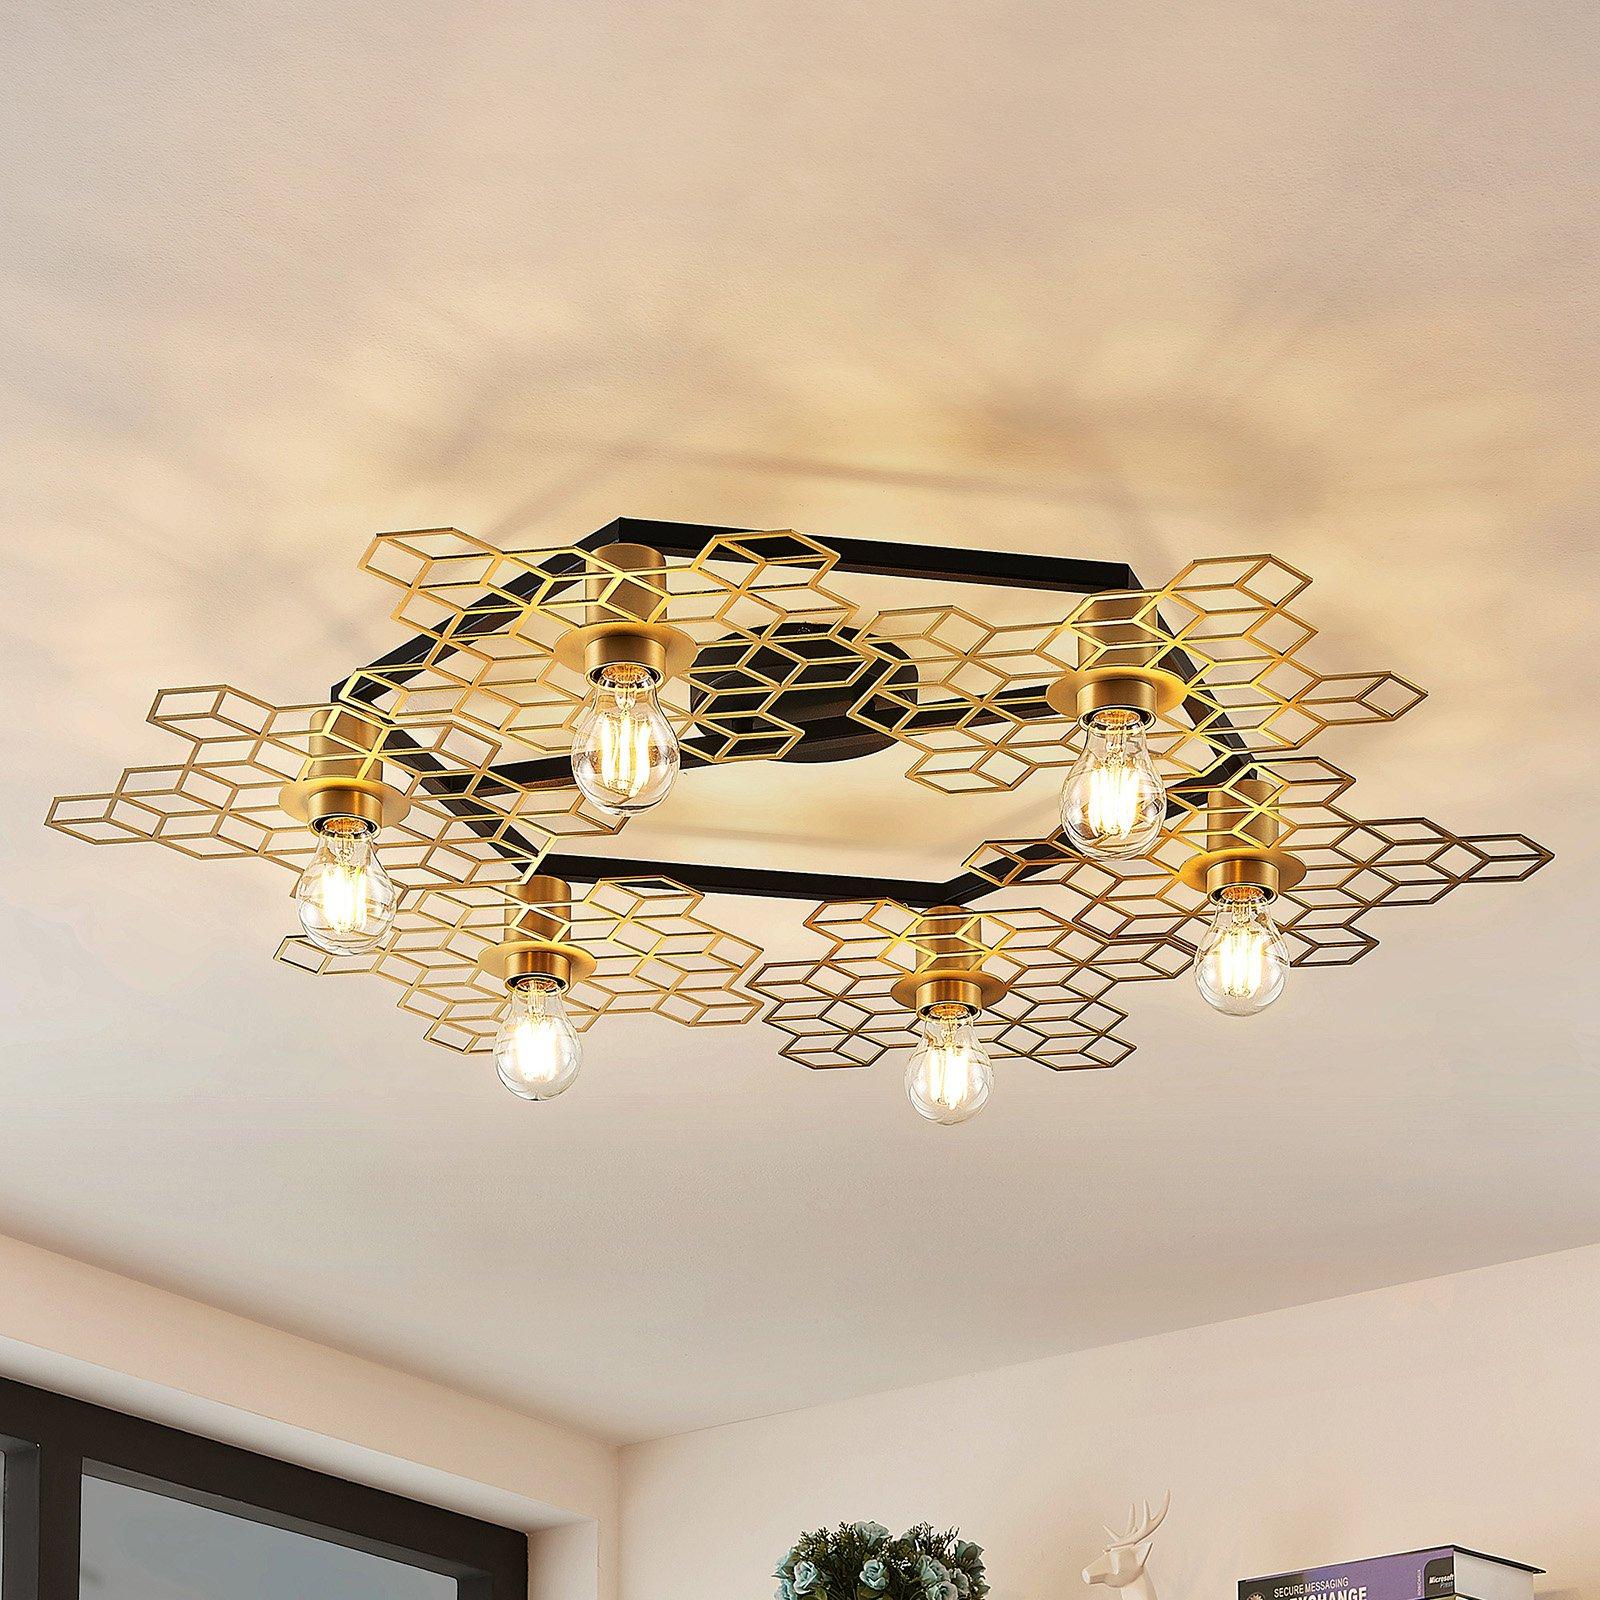 Lucande Alexaru taklampe, 6 lys, gull, rund